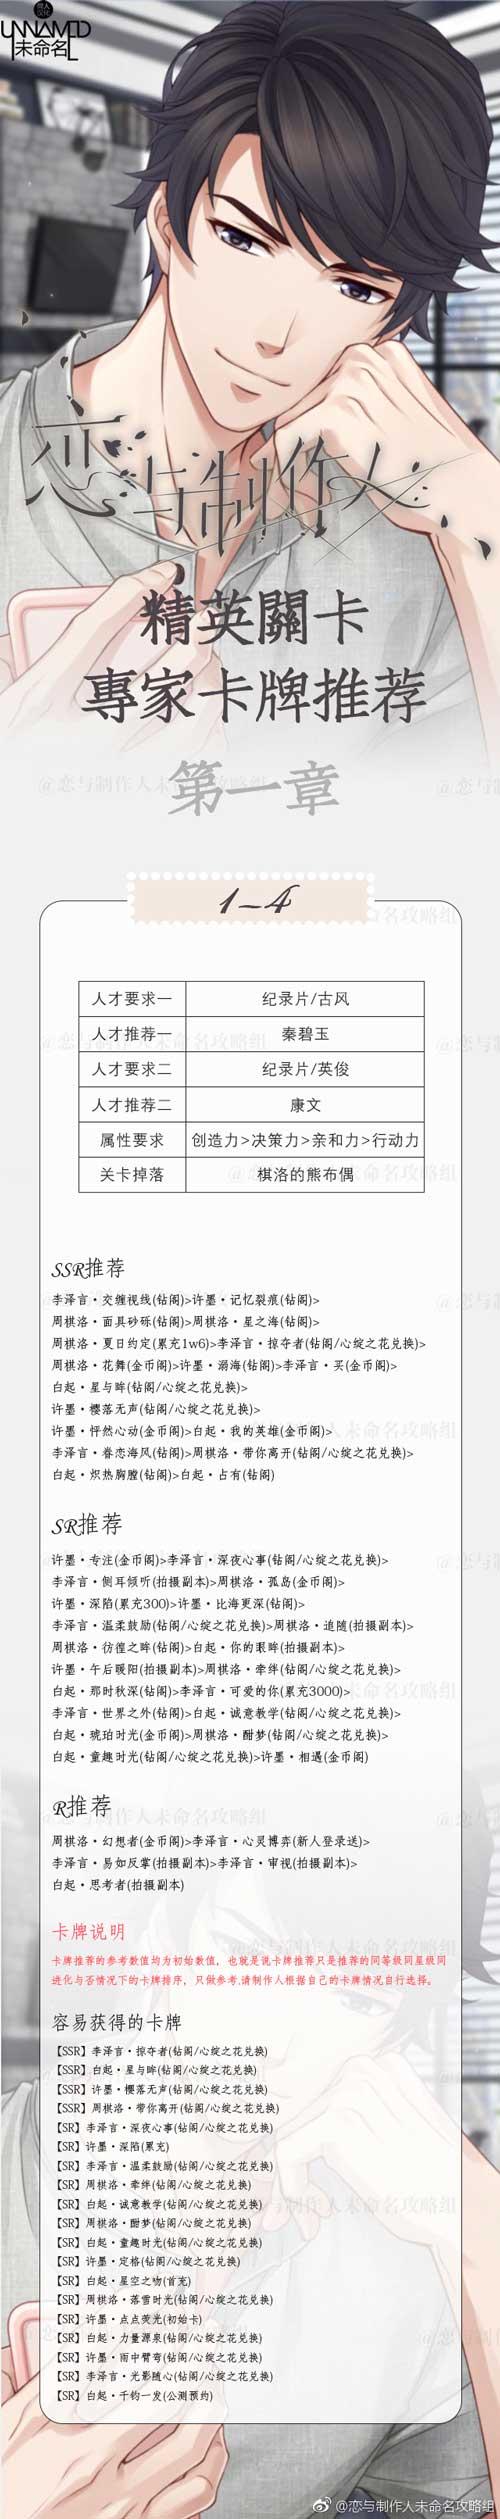 恋与制作人精英1-4关怎么过